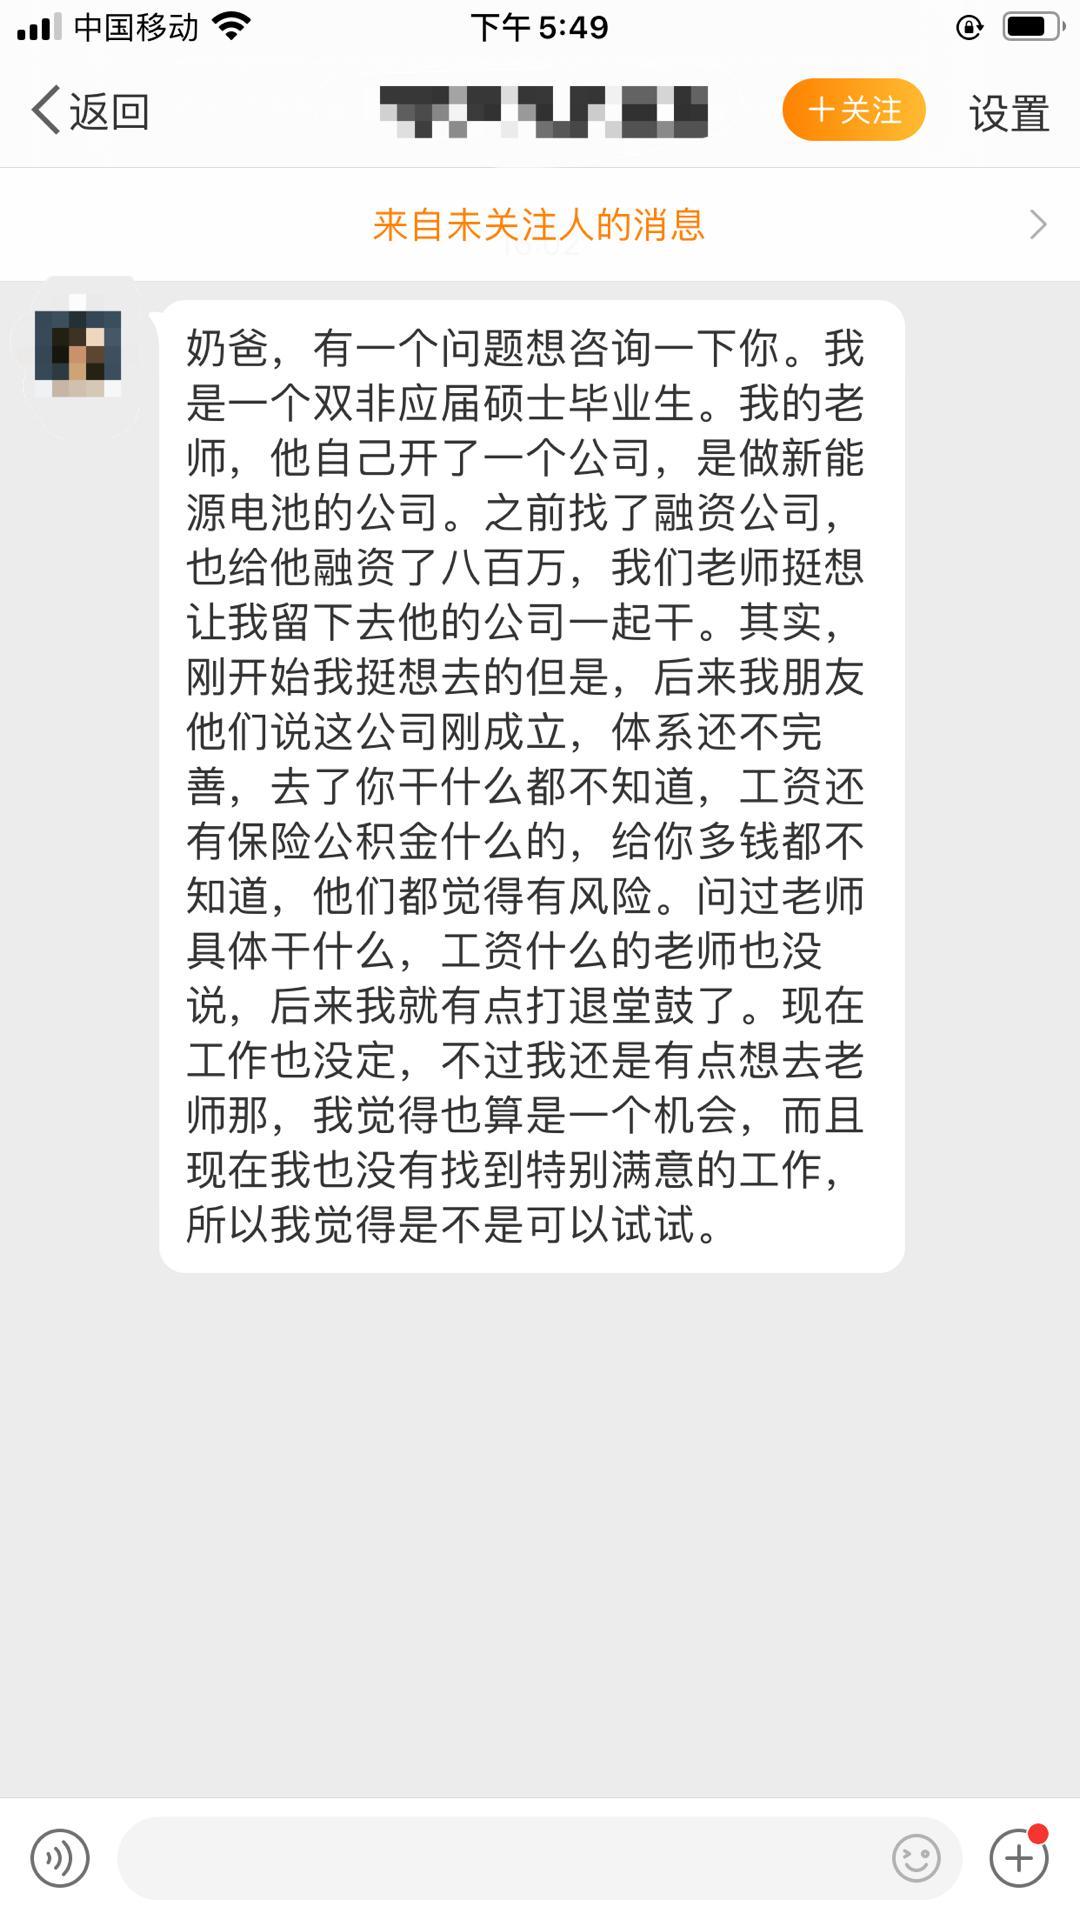 什么人比夏桀商纣周扒皮黄世仁马云刘强东还要狠?